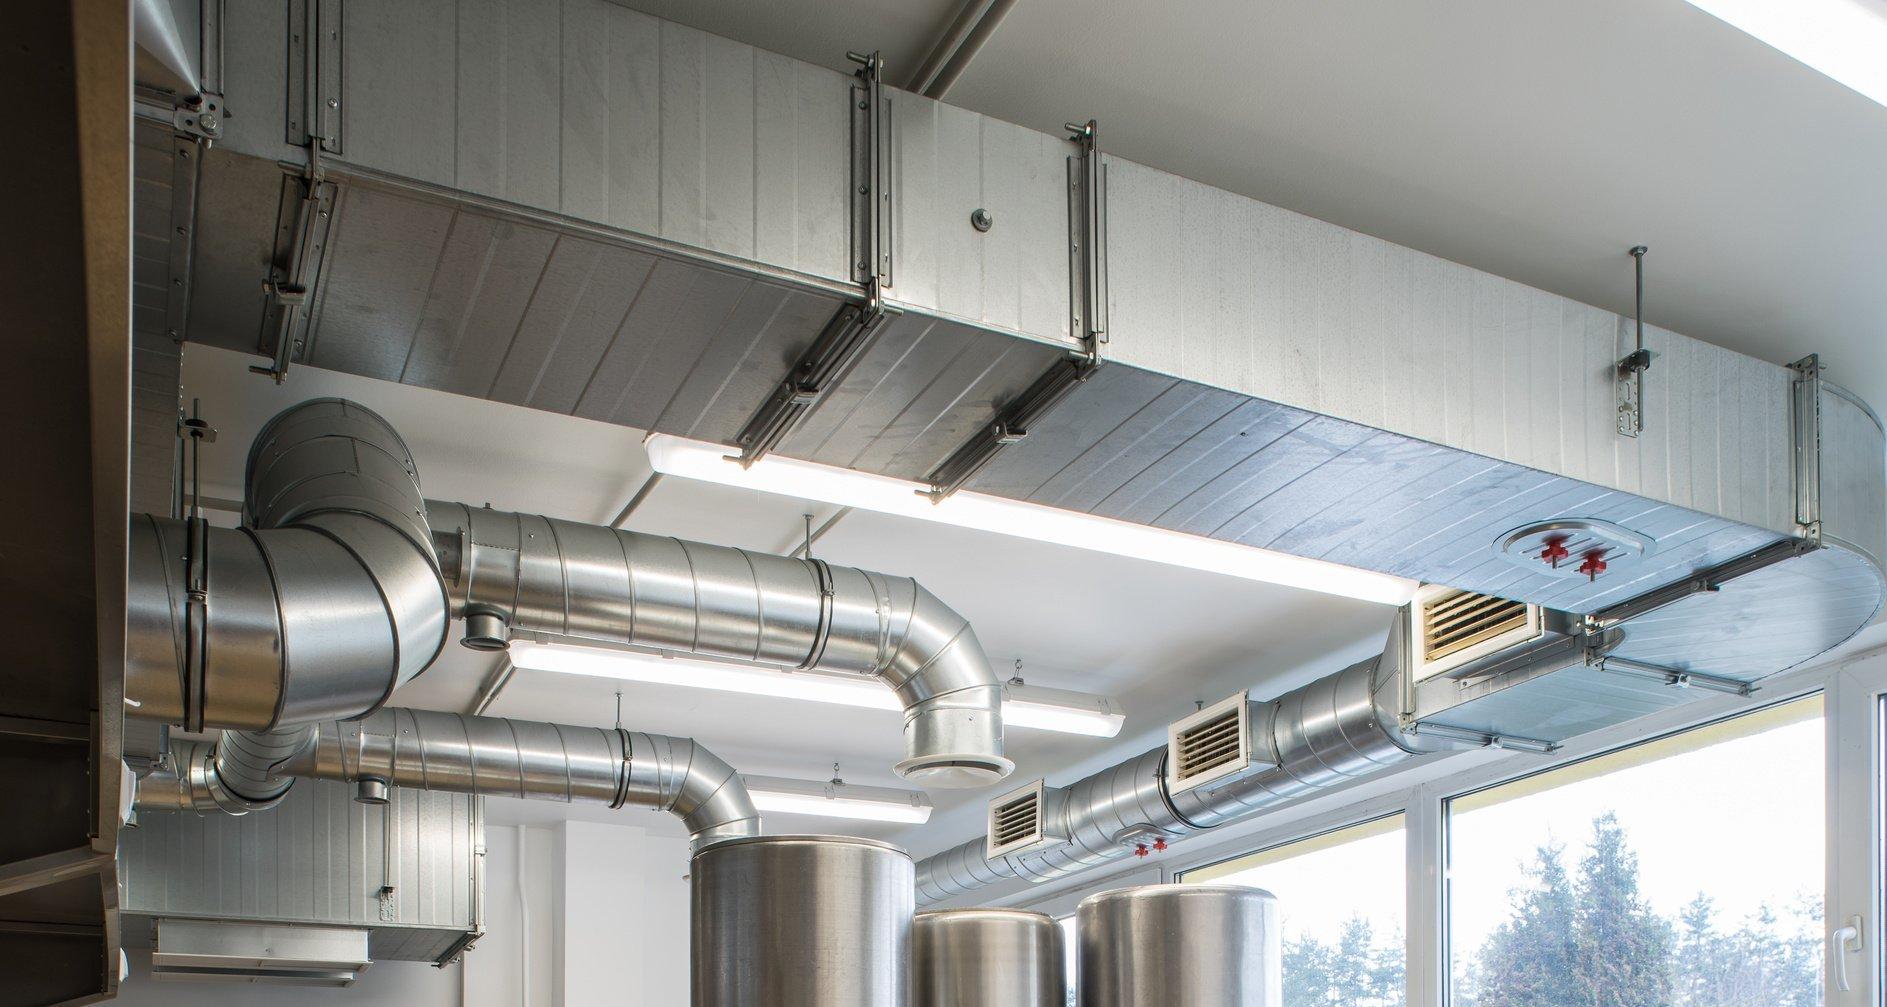 Что собой представляет автоматизация систем кондиционирования и вентиляции